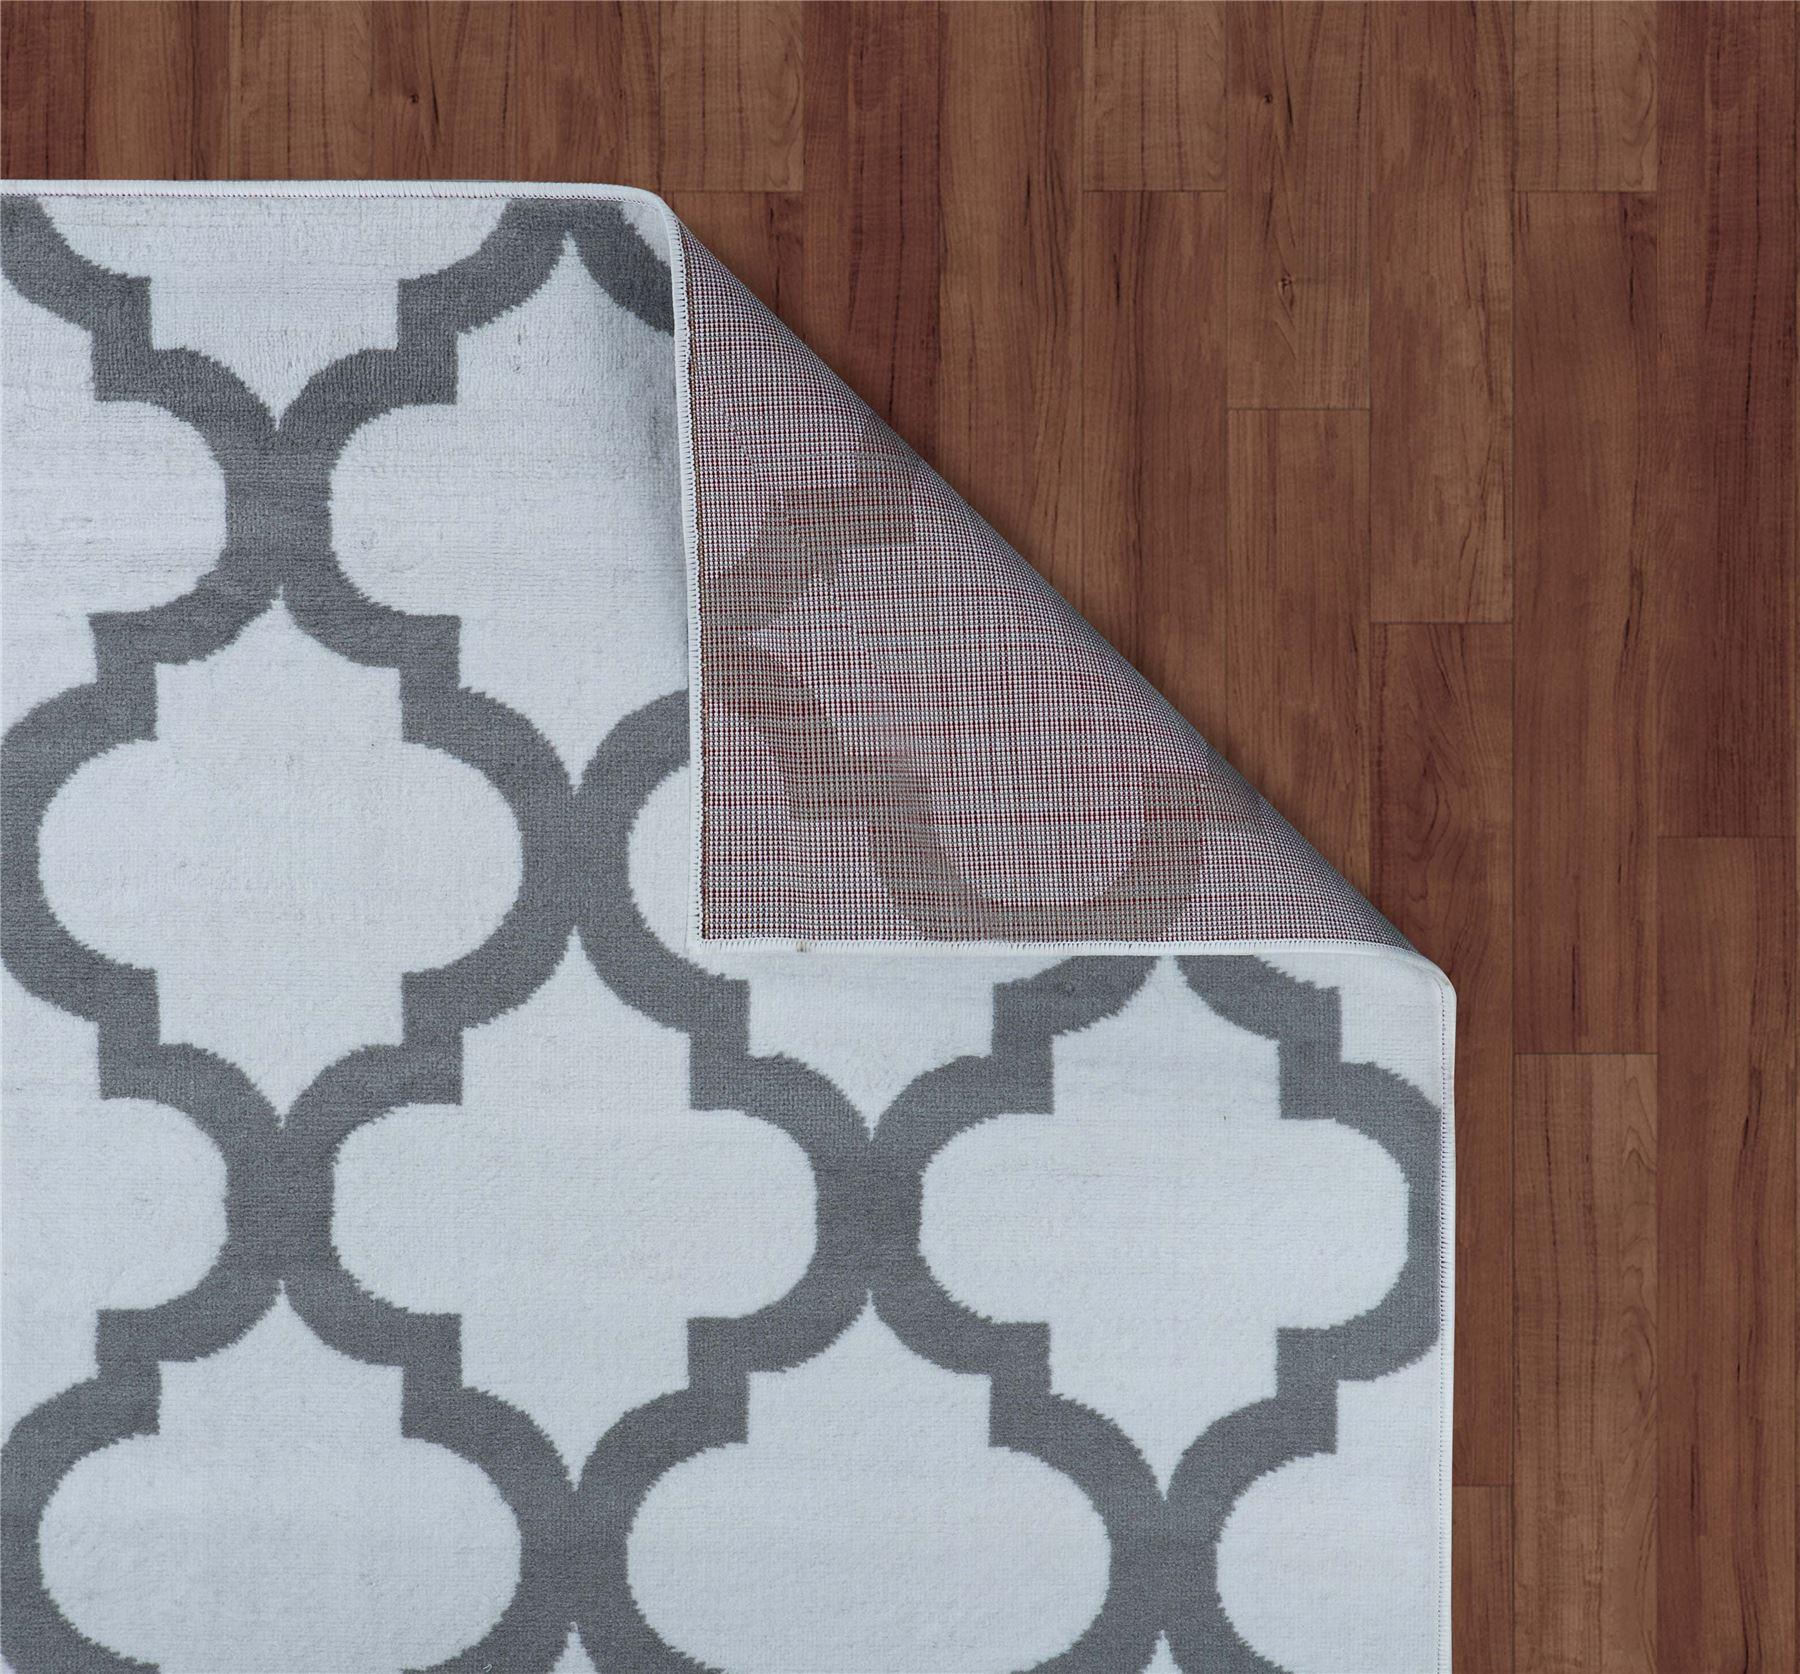 Nero-Rosso-Argento-Bianco-Viola-Moderno-Area-Tappeto-Traliccio-DESIGN-CUCINA-outdoorrug miniatura 34